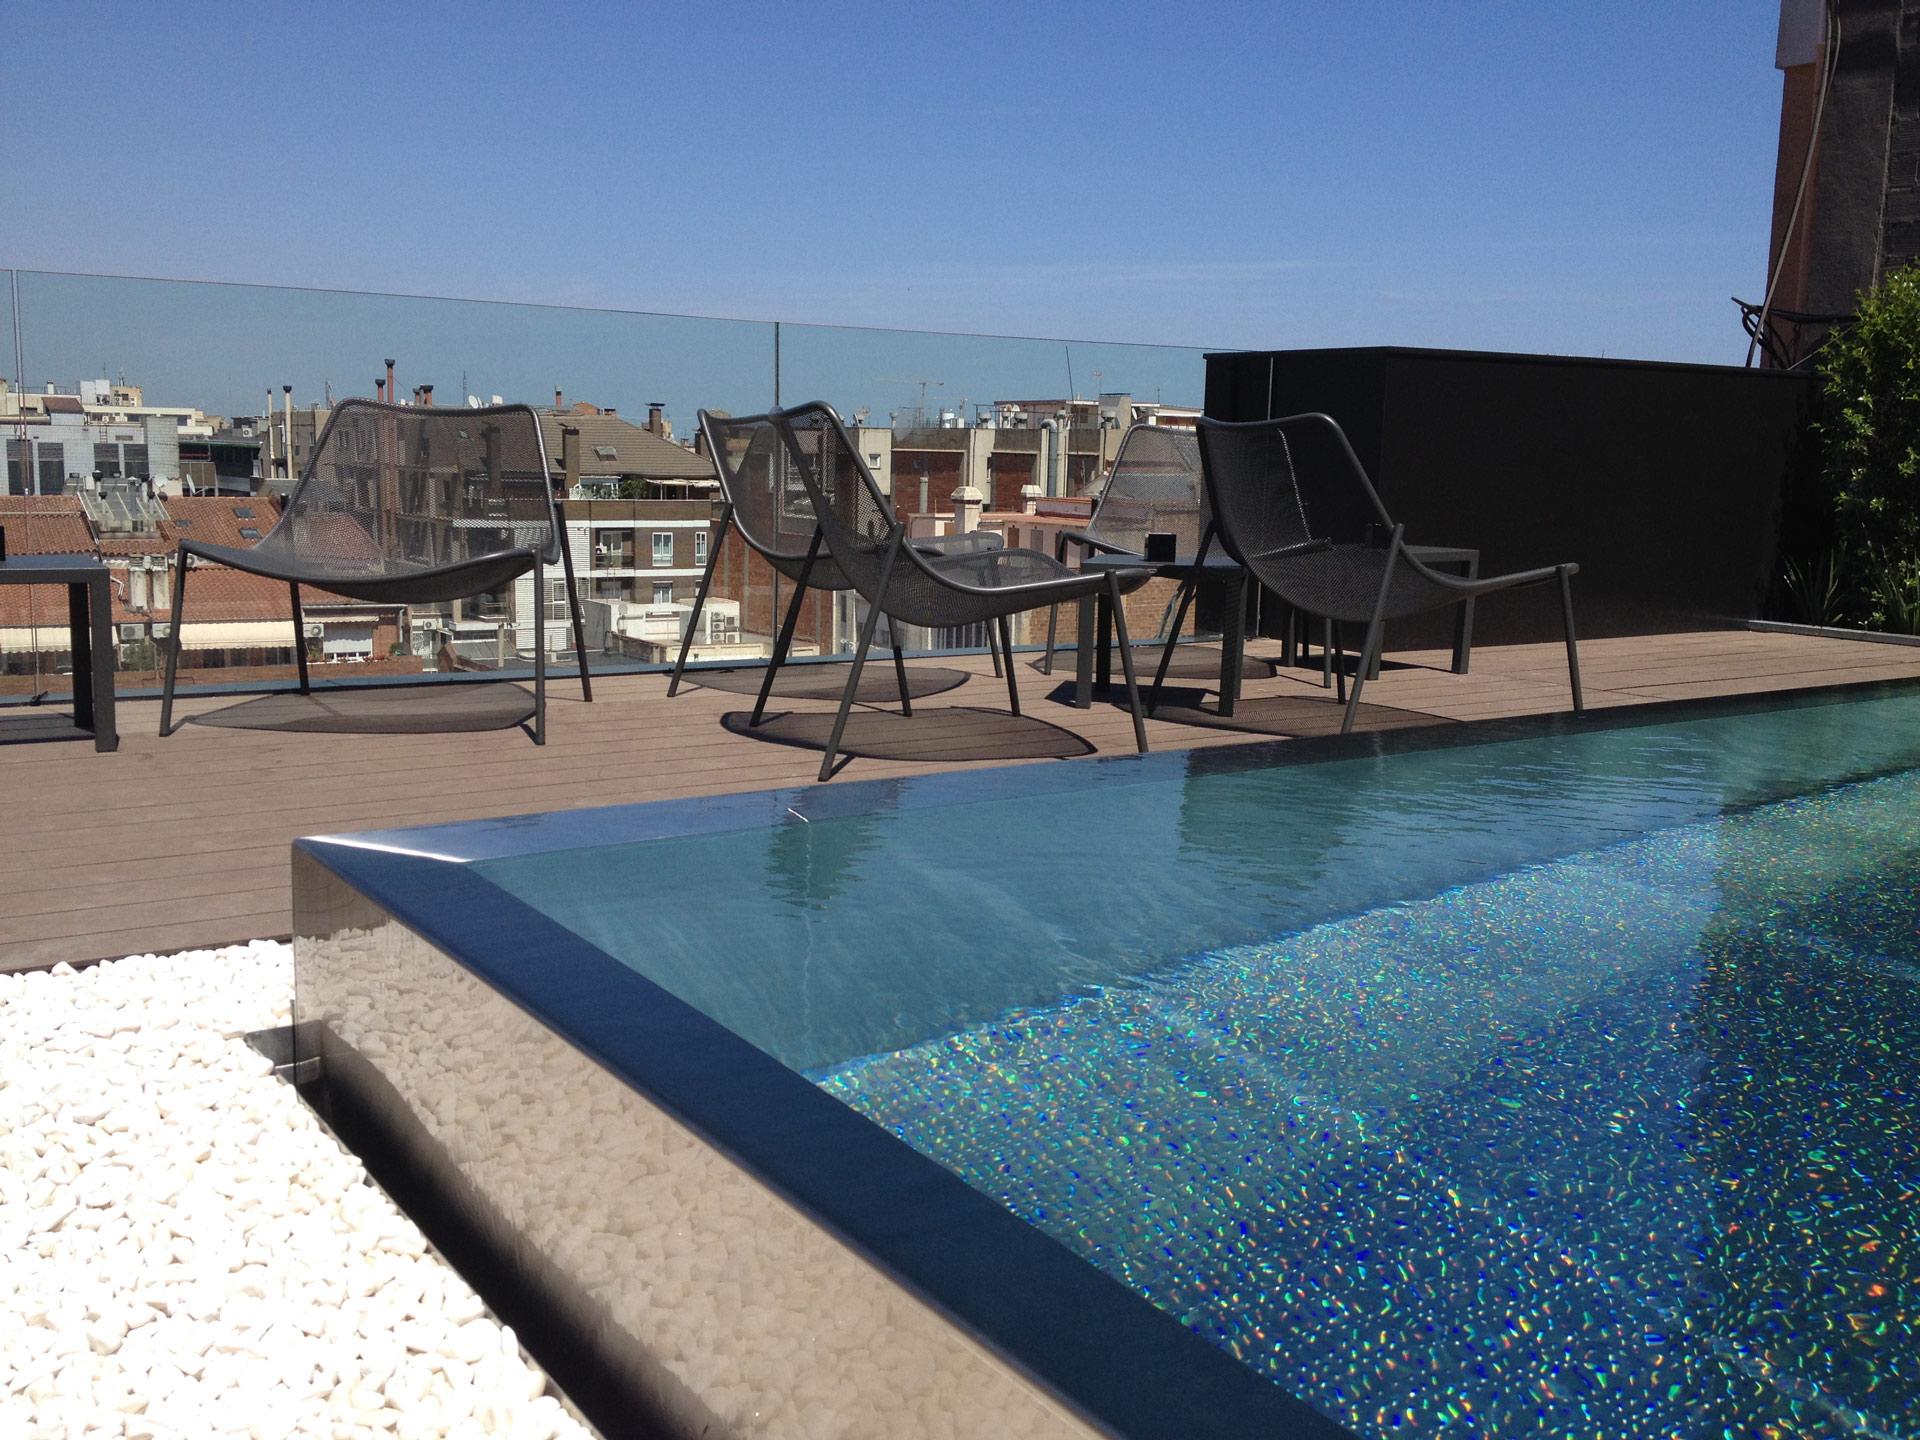 piscinas para aticos elegant piscinas para aticos with